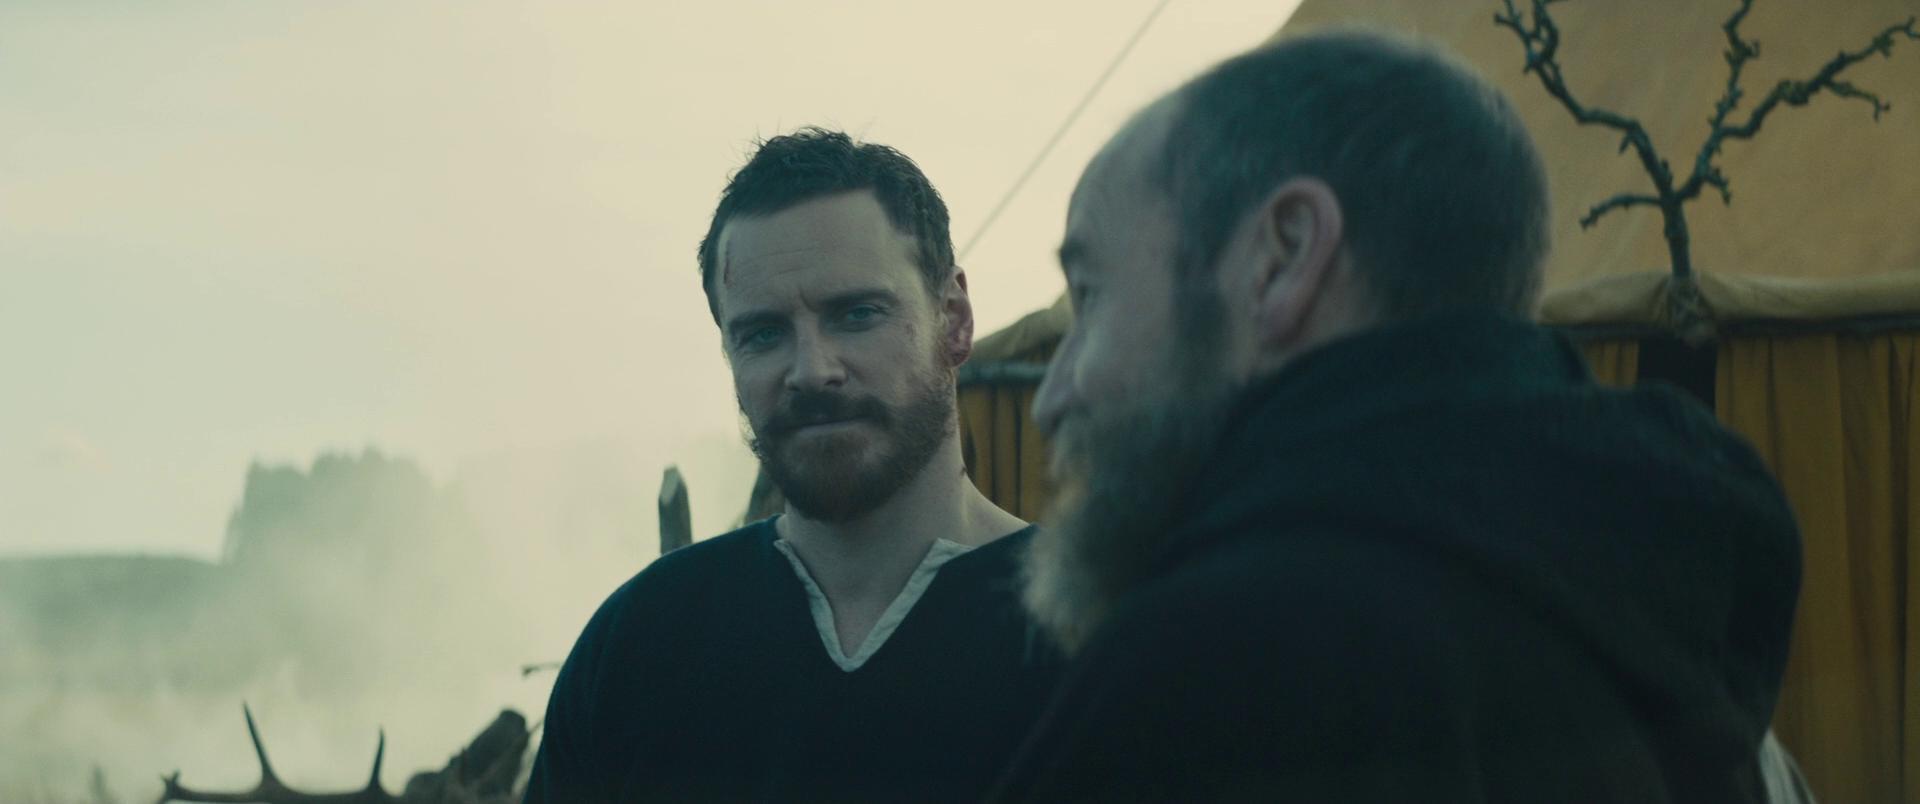 Макбет / Macbeth (2015) BDRip 1080p | Лицензия